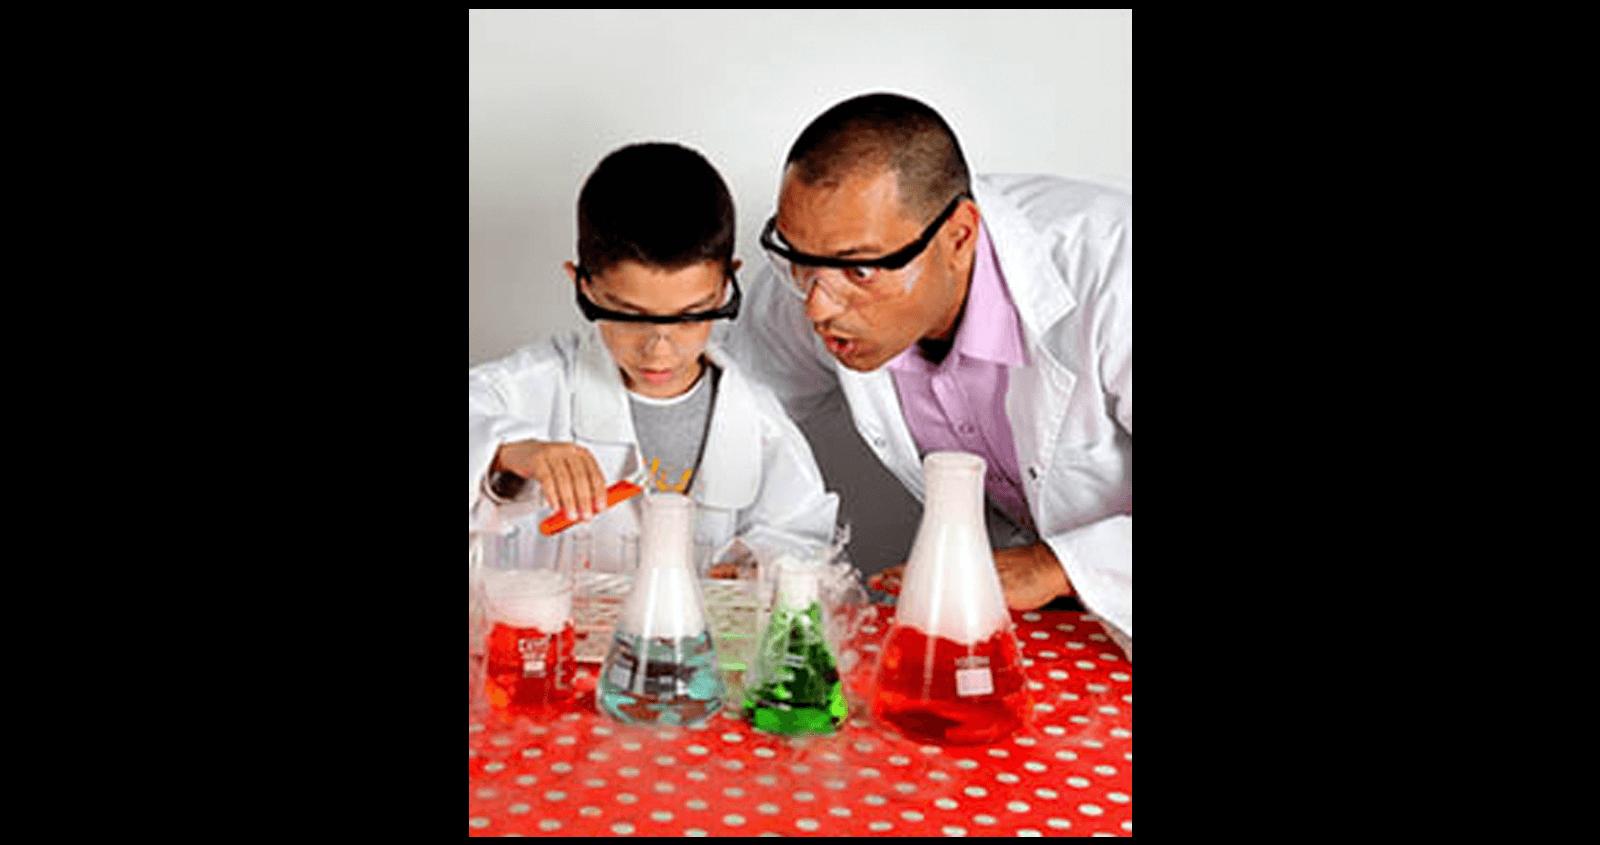 יום הולדת מדעי לילדים